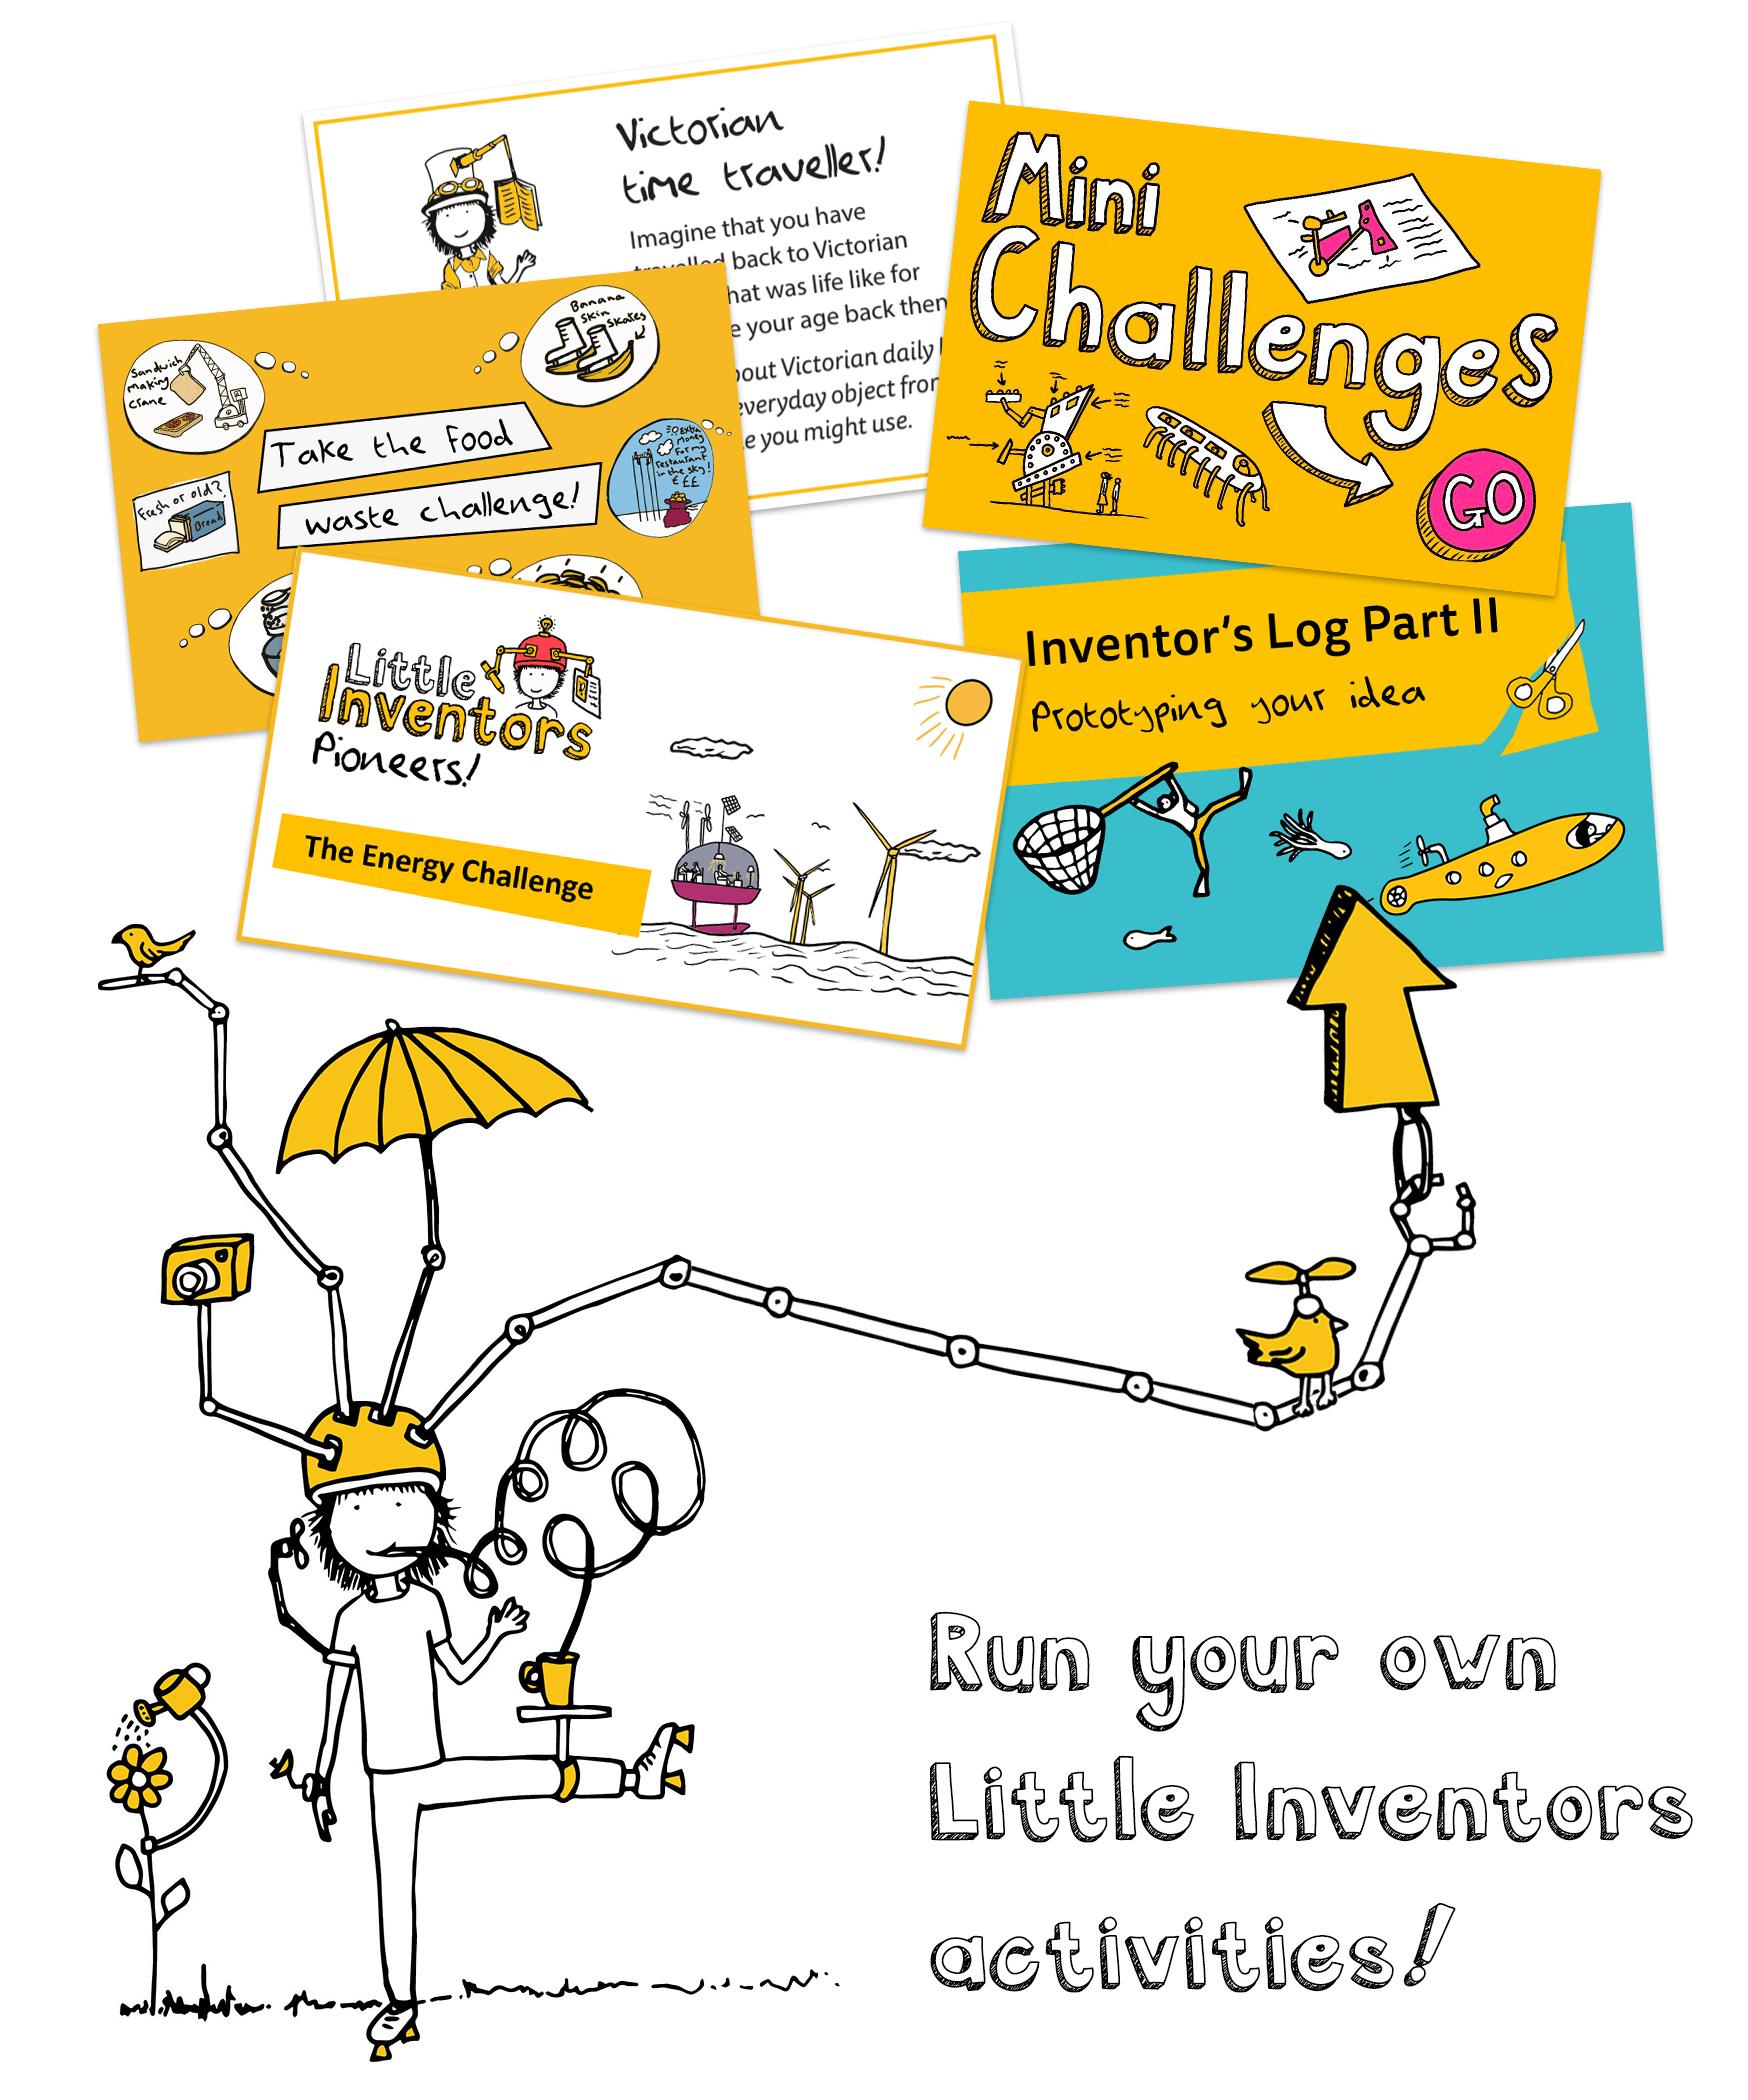 Run your own Little Inventors activities!